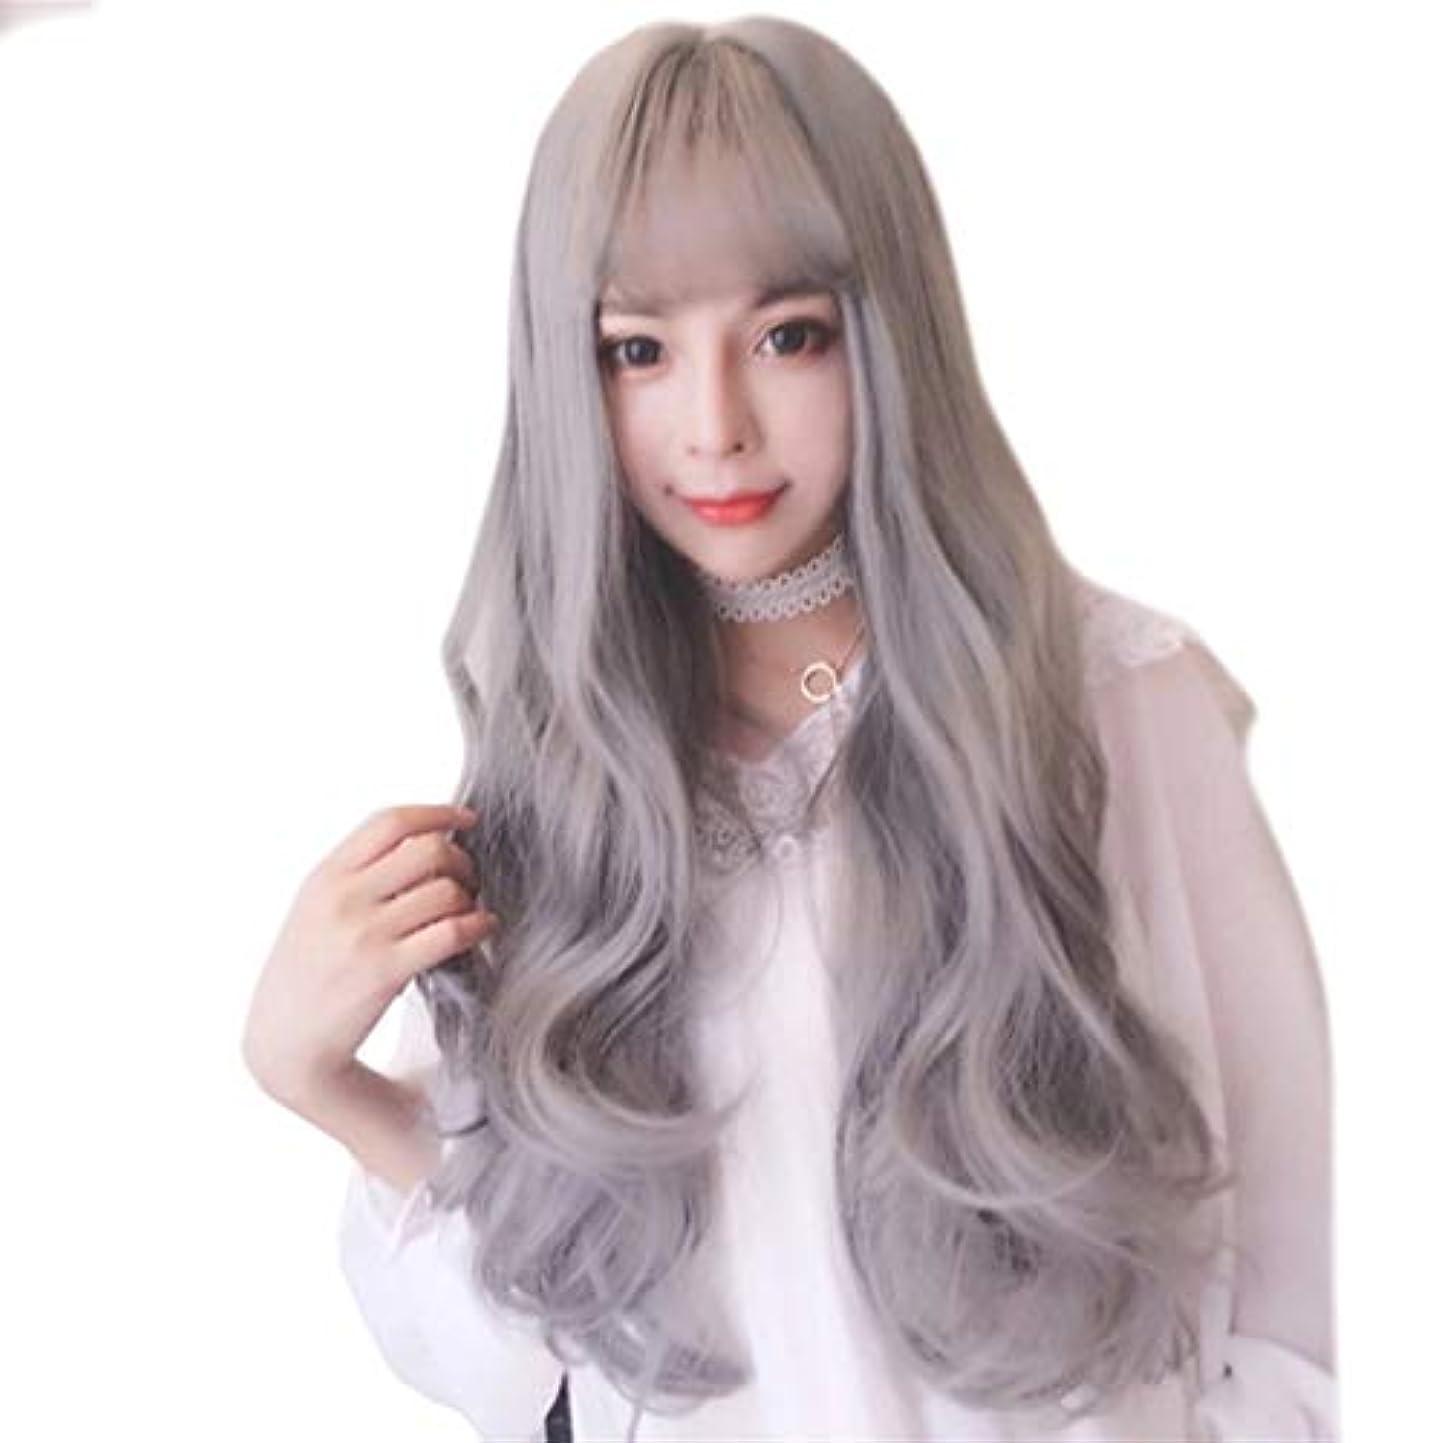 葡萄ラッチ染色Summerys 女性の前髪自然な波長い巻き毛の耐熱性合成かつらをかつら